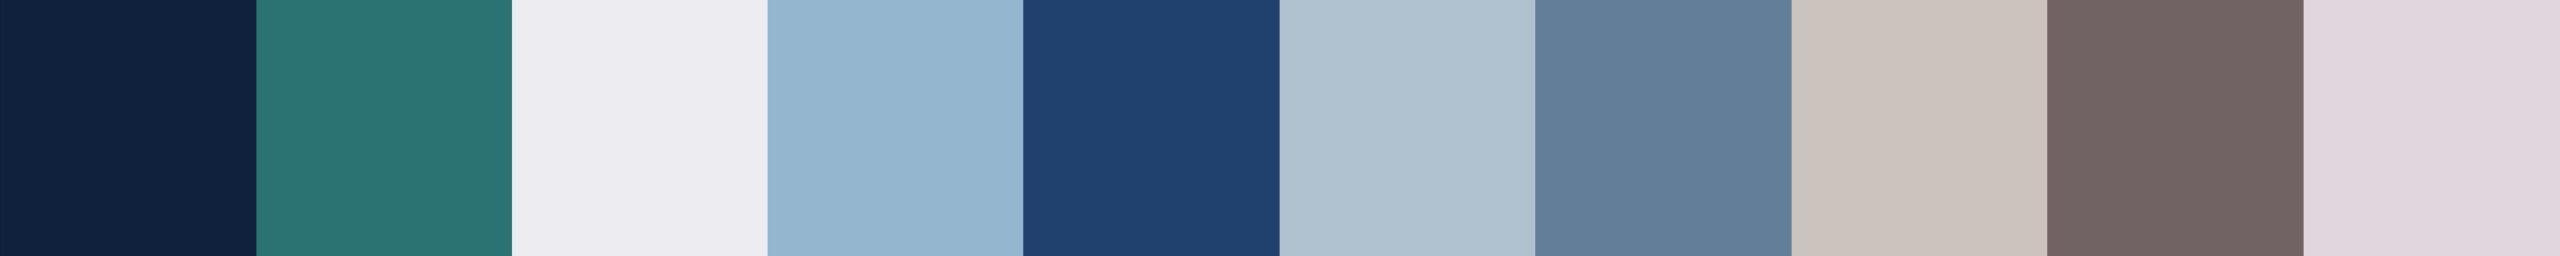 197 Kedolica Color Palette